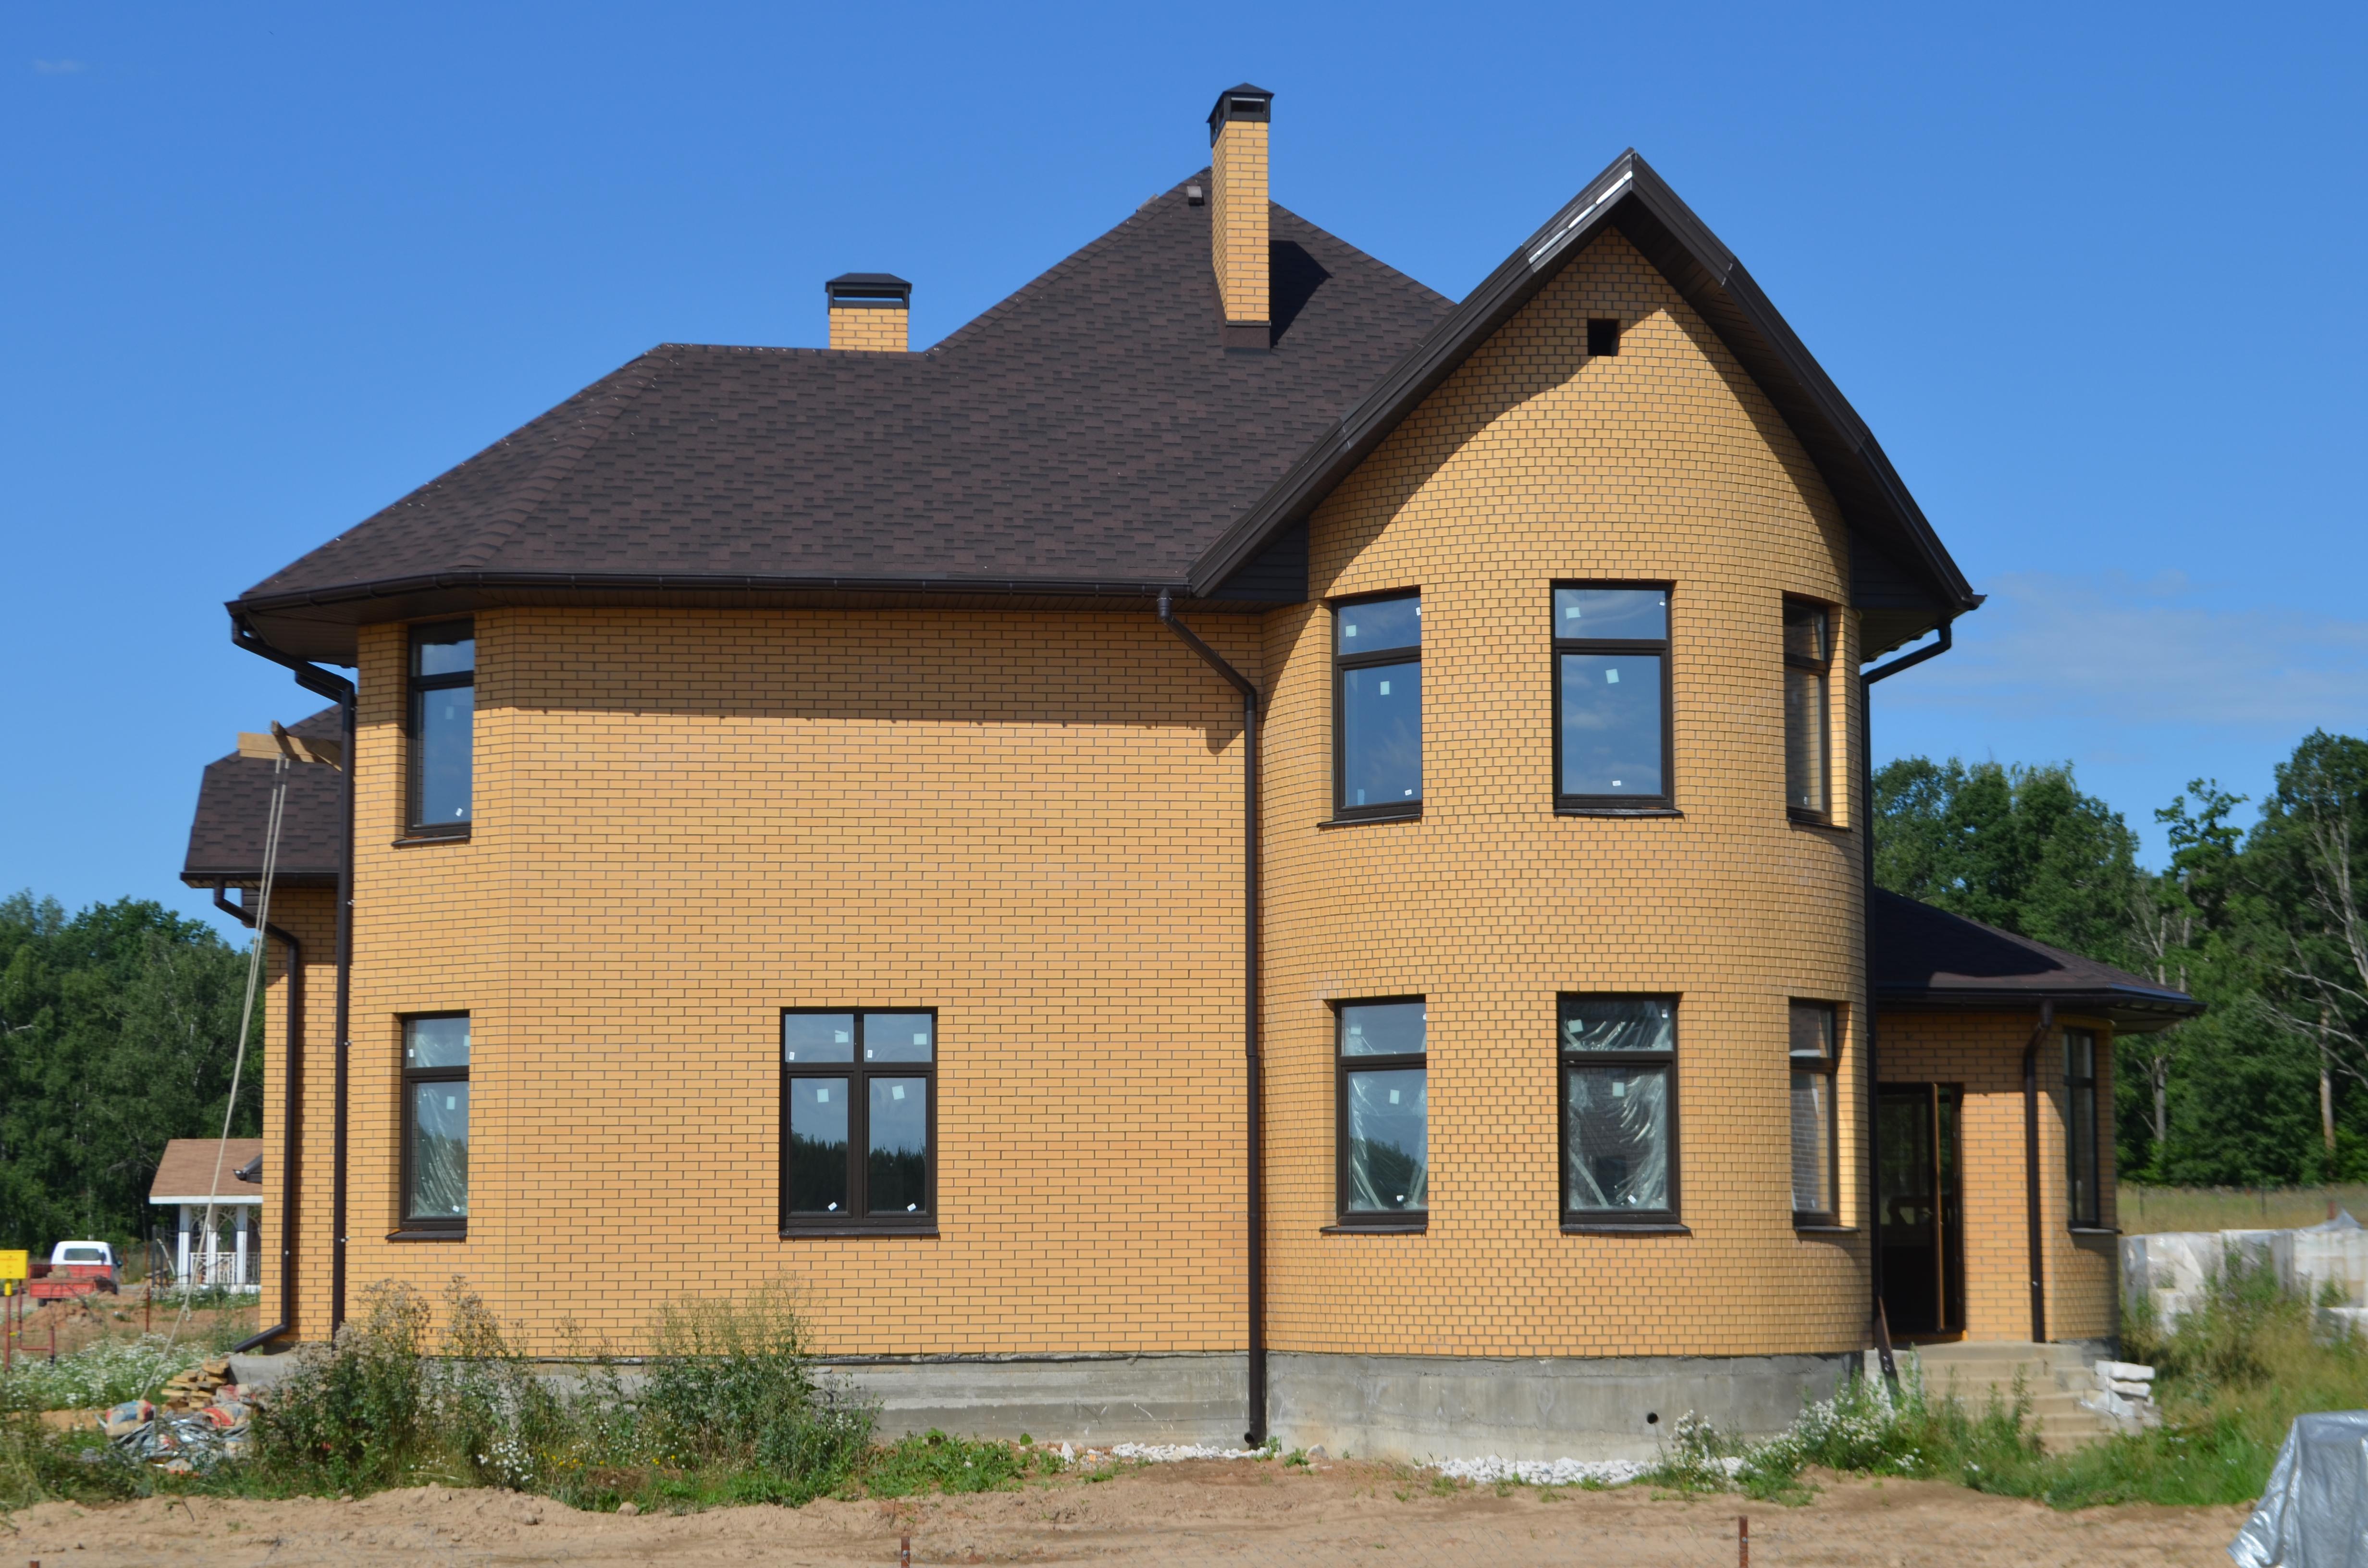 Загородный дом площадью 290 м.кв. Был спроектирован и построен нашей компанией в 2012 году, в д. Нефедьево